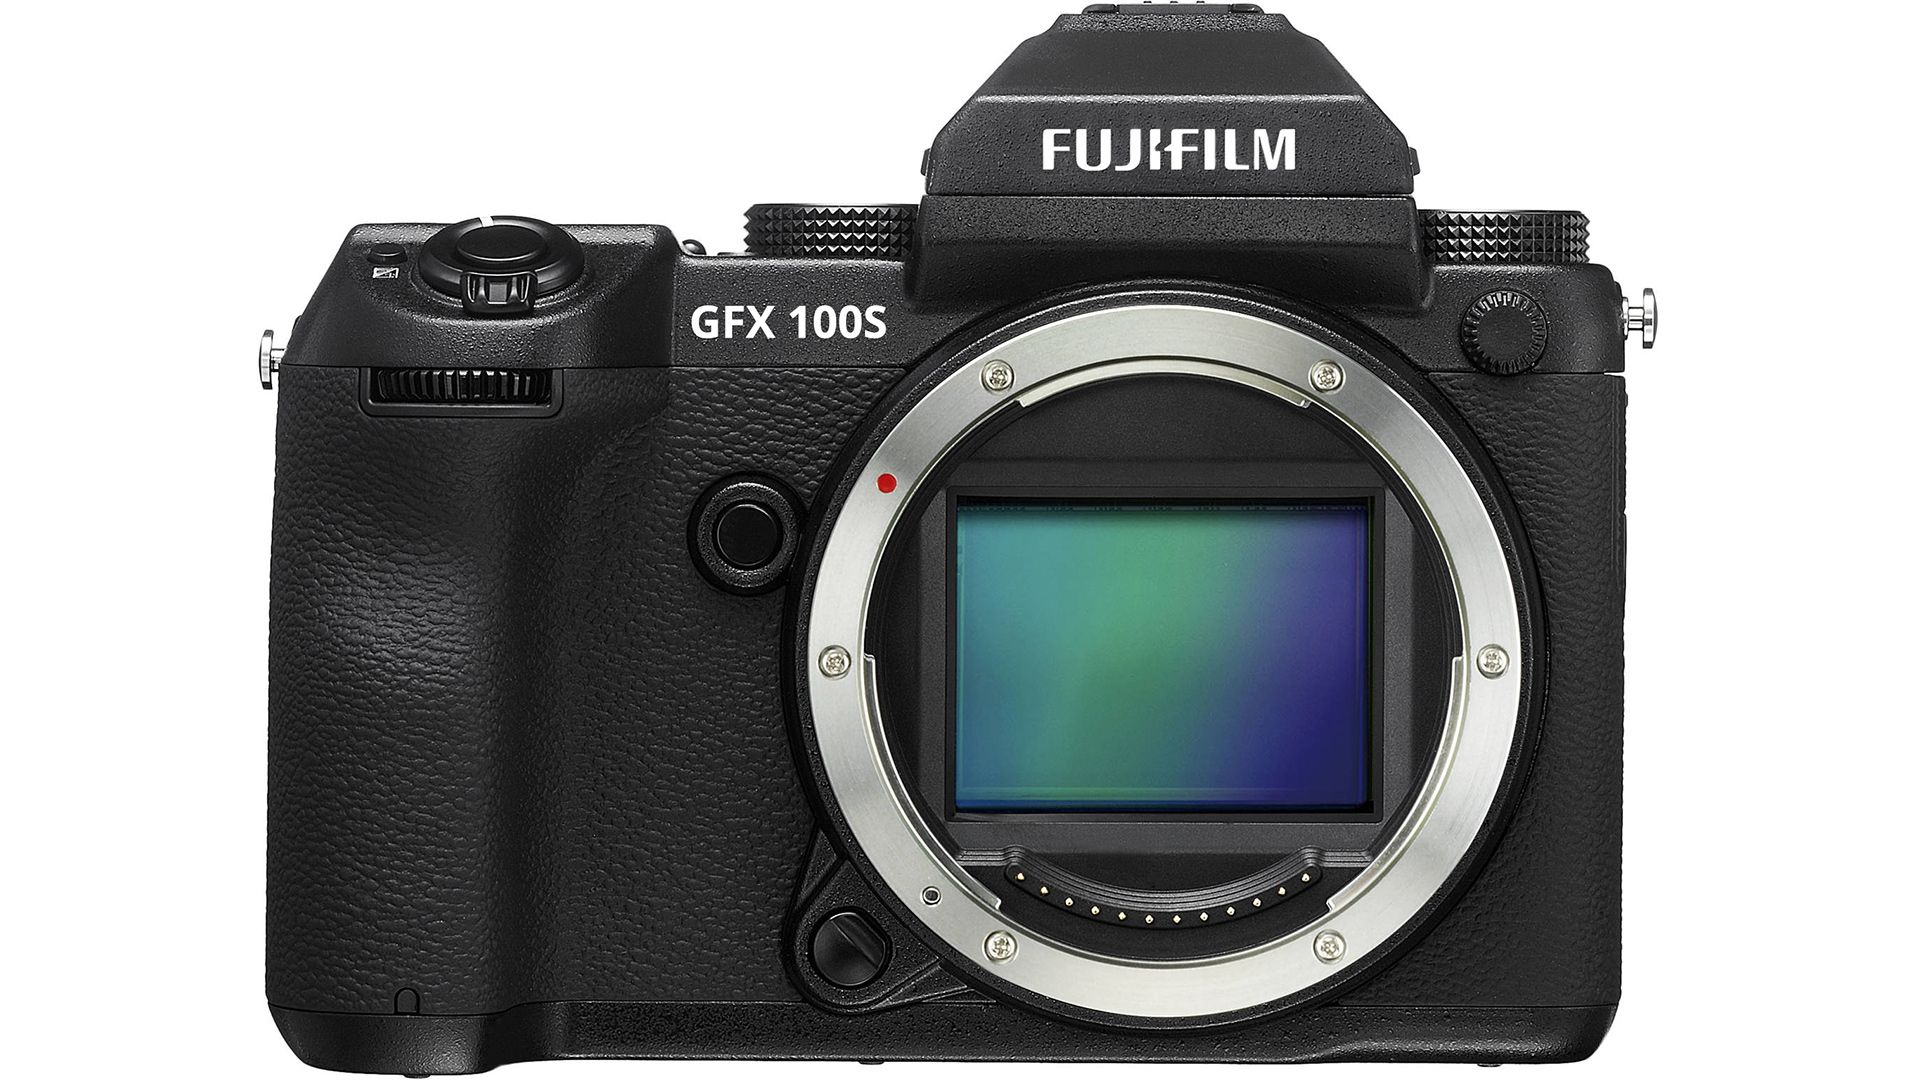 5. Fujifilm GFX 100S